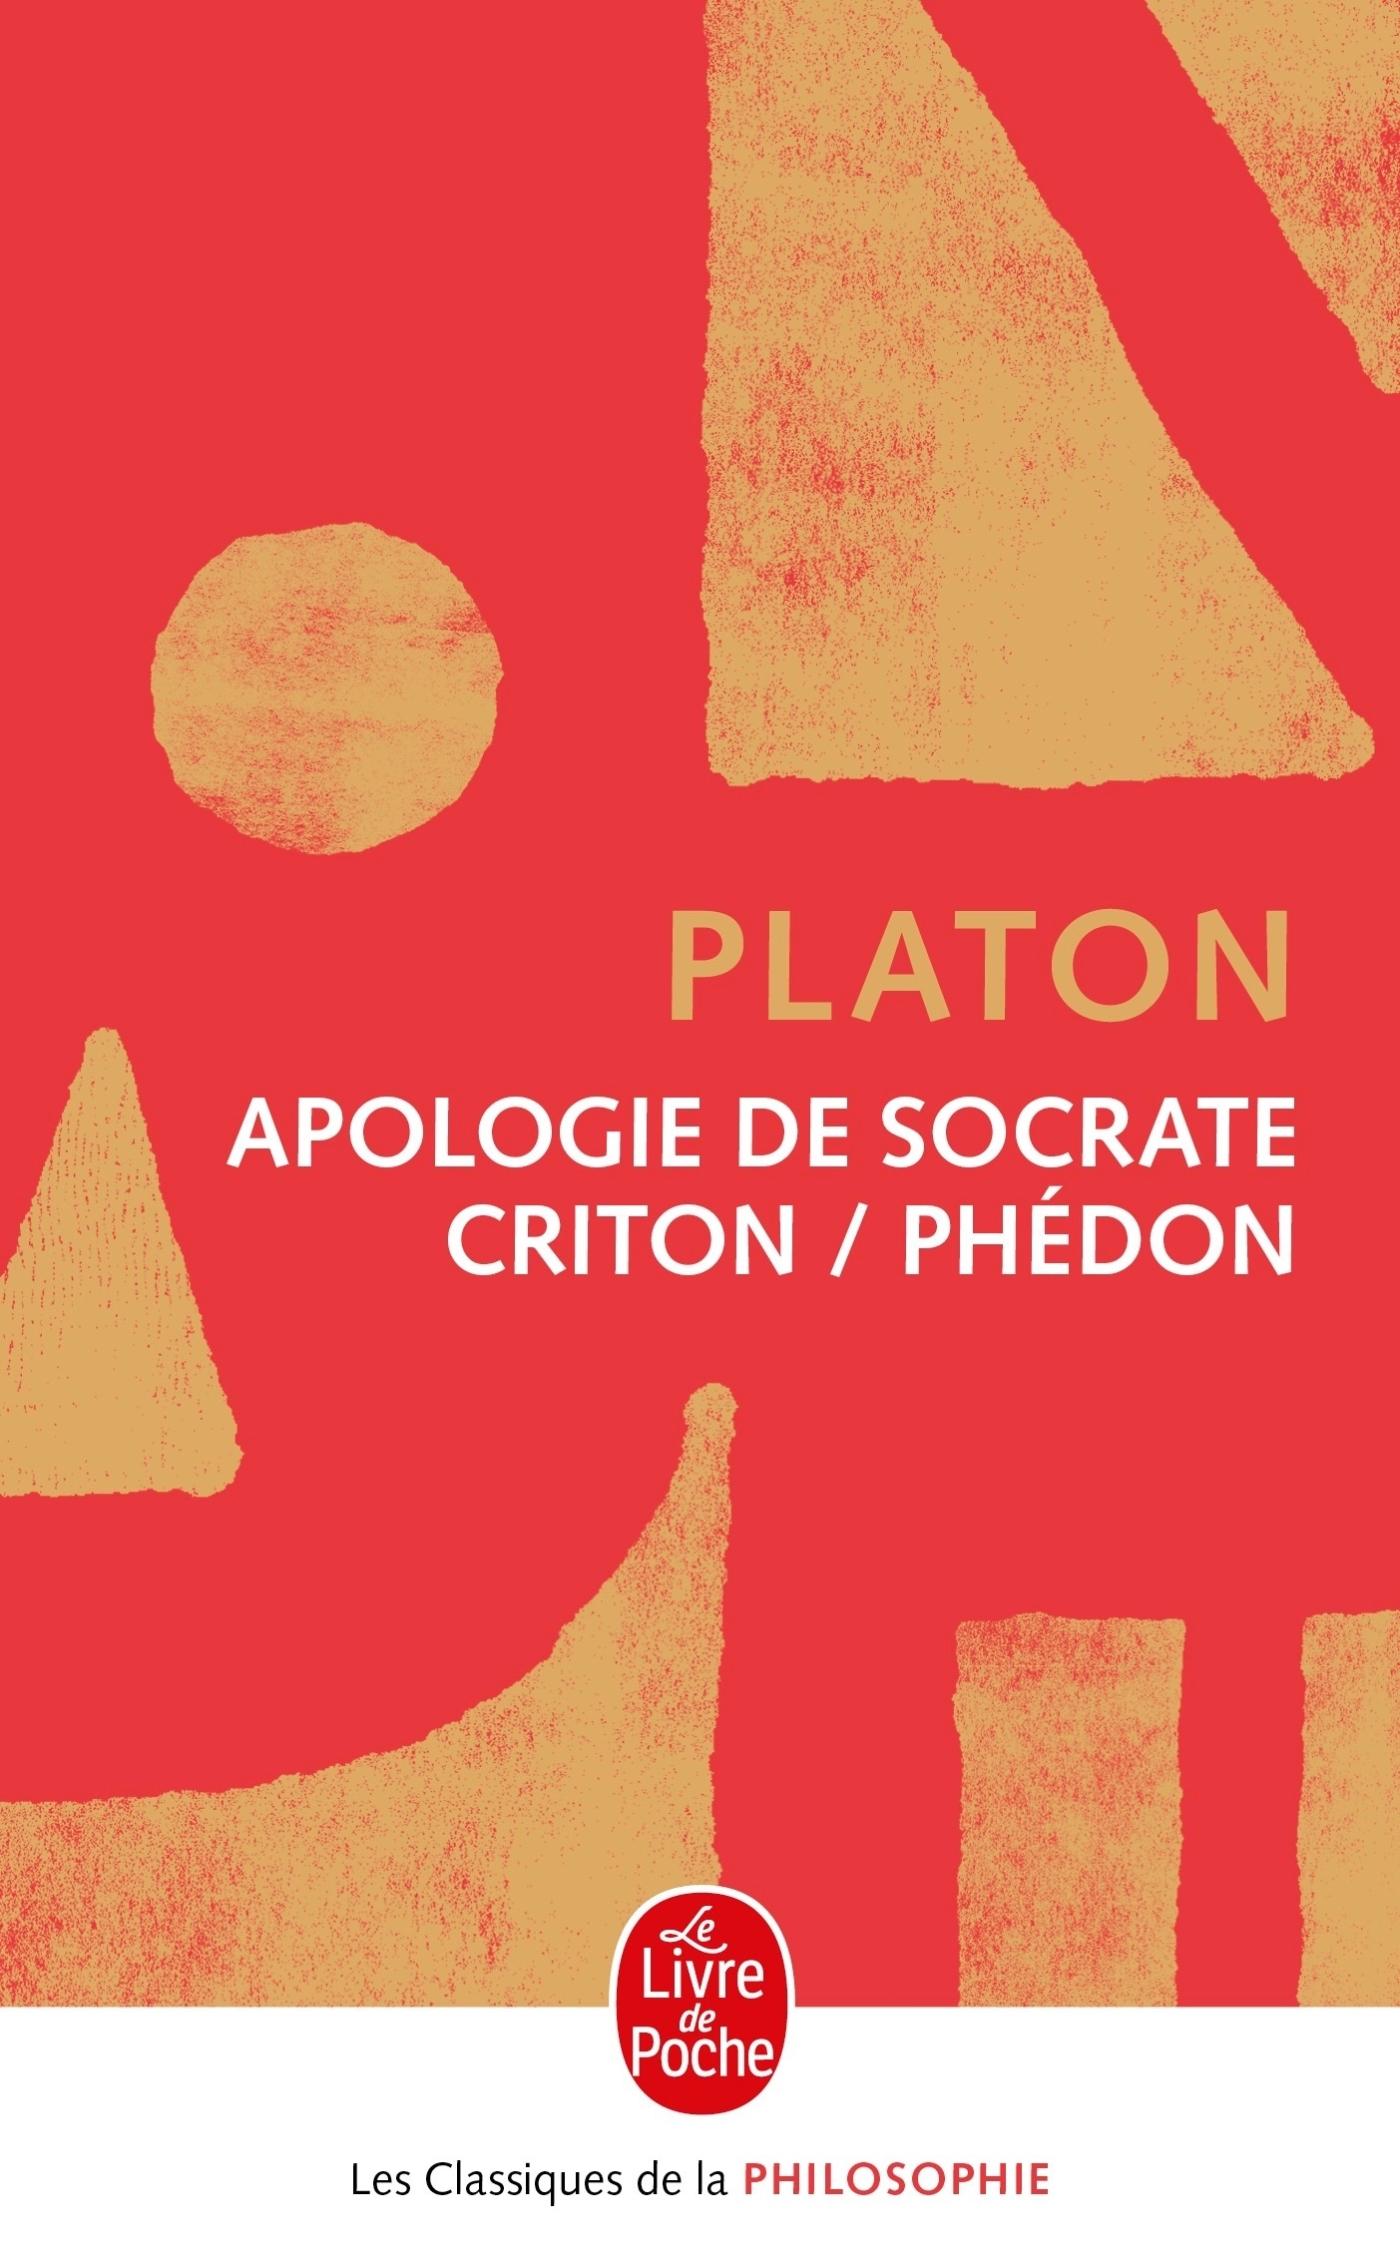 APOLOGIE DE SOCRATE-CRITON-PHEDON